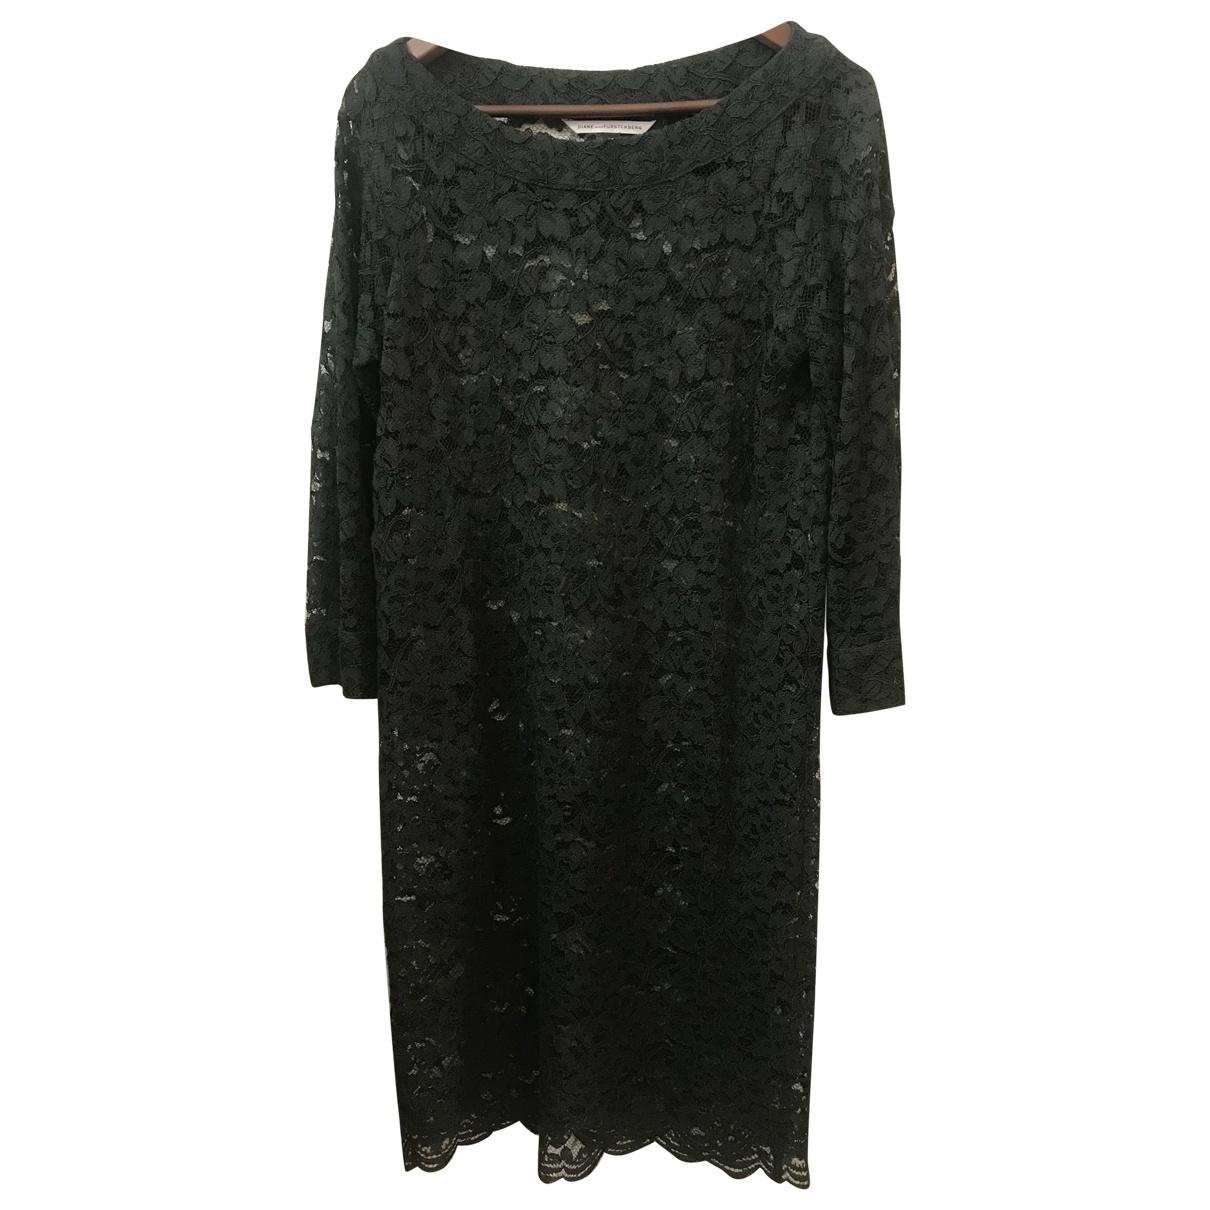 Diane Von Furstenberg \N Green Lace dress for Women 10 UK